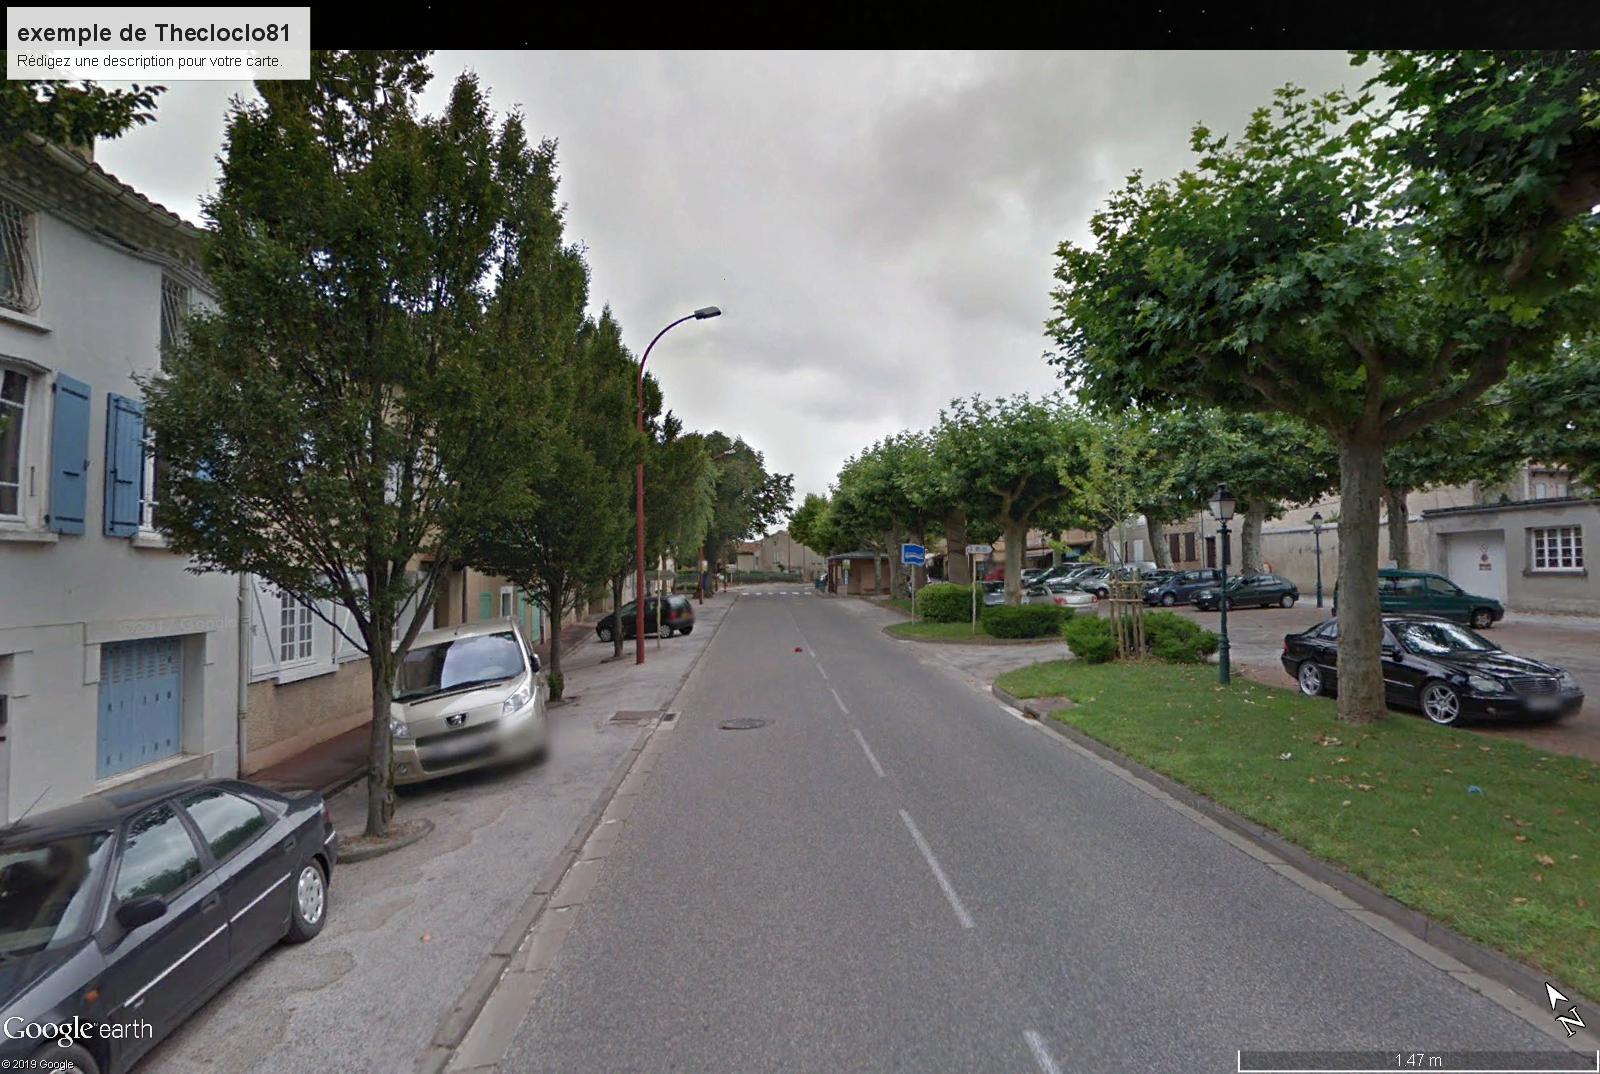 [résolu] Enlever cette fichue ligne jaune en street view - Page 2 Exempl10